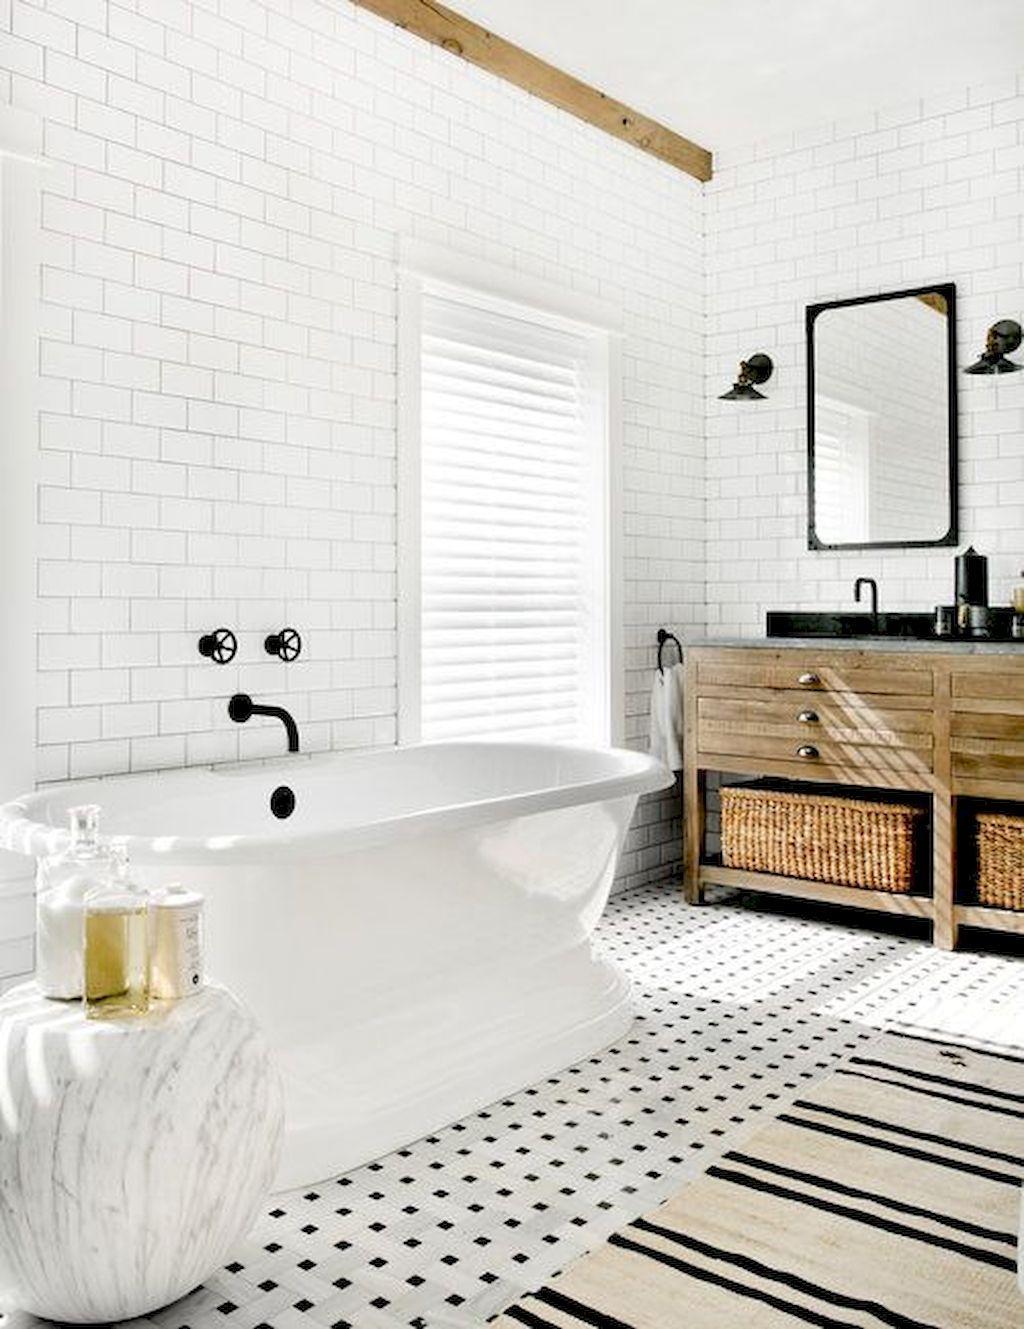 60 Scandinavian Bathroom Design Ideas To Inspire You | Home ...